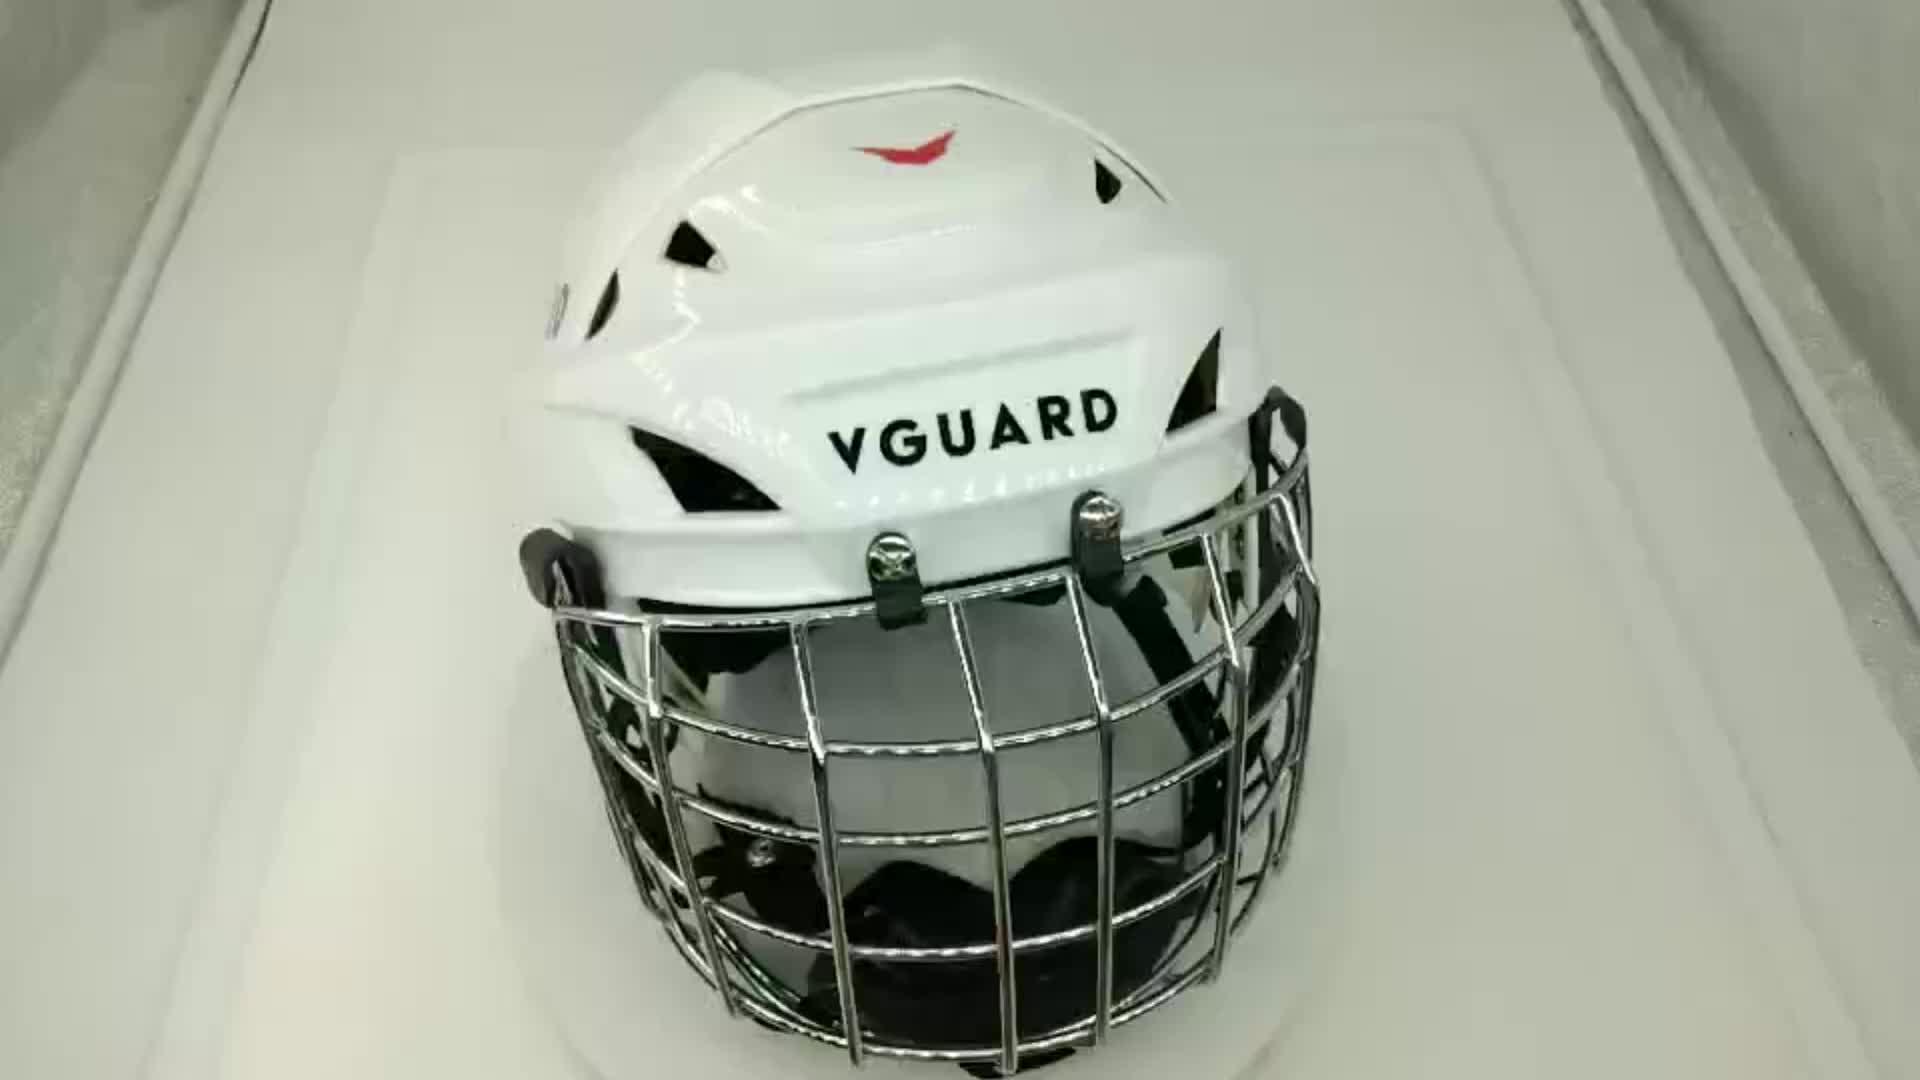 Jogadores de hóquei no gelo hóquei em patins capacete capacete capacete de hóquei inline ajustar